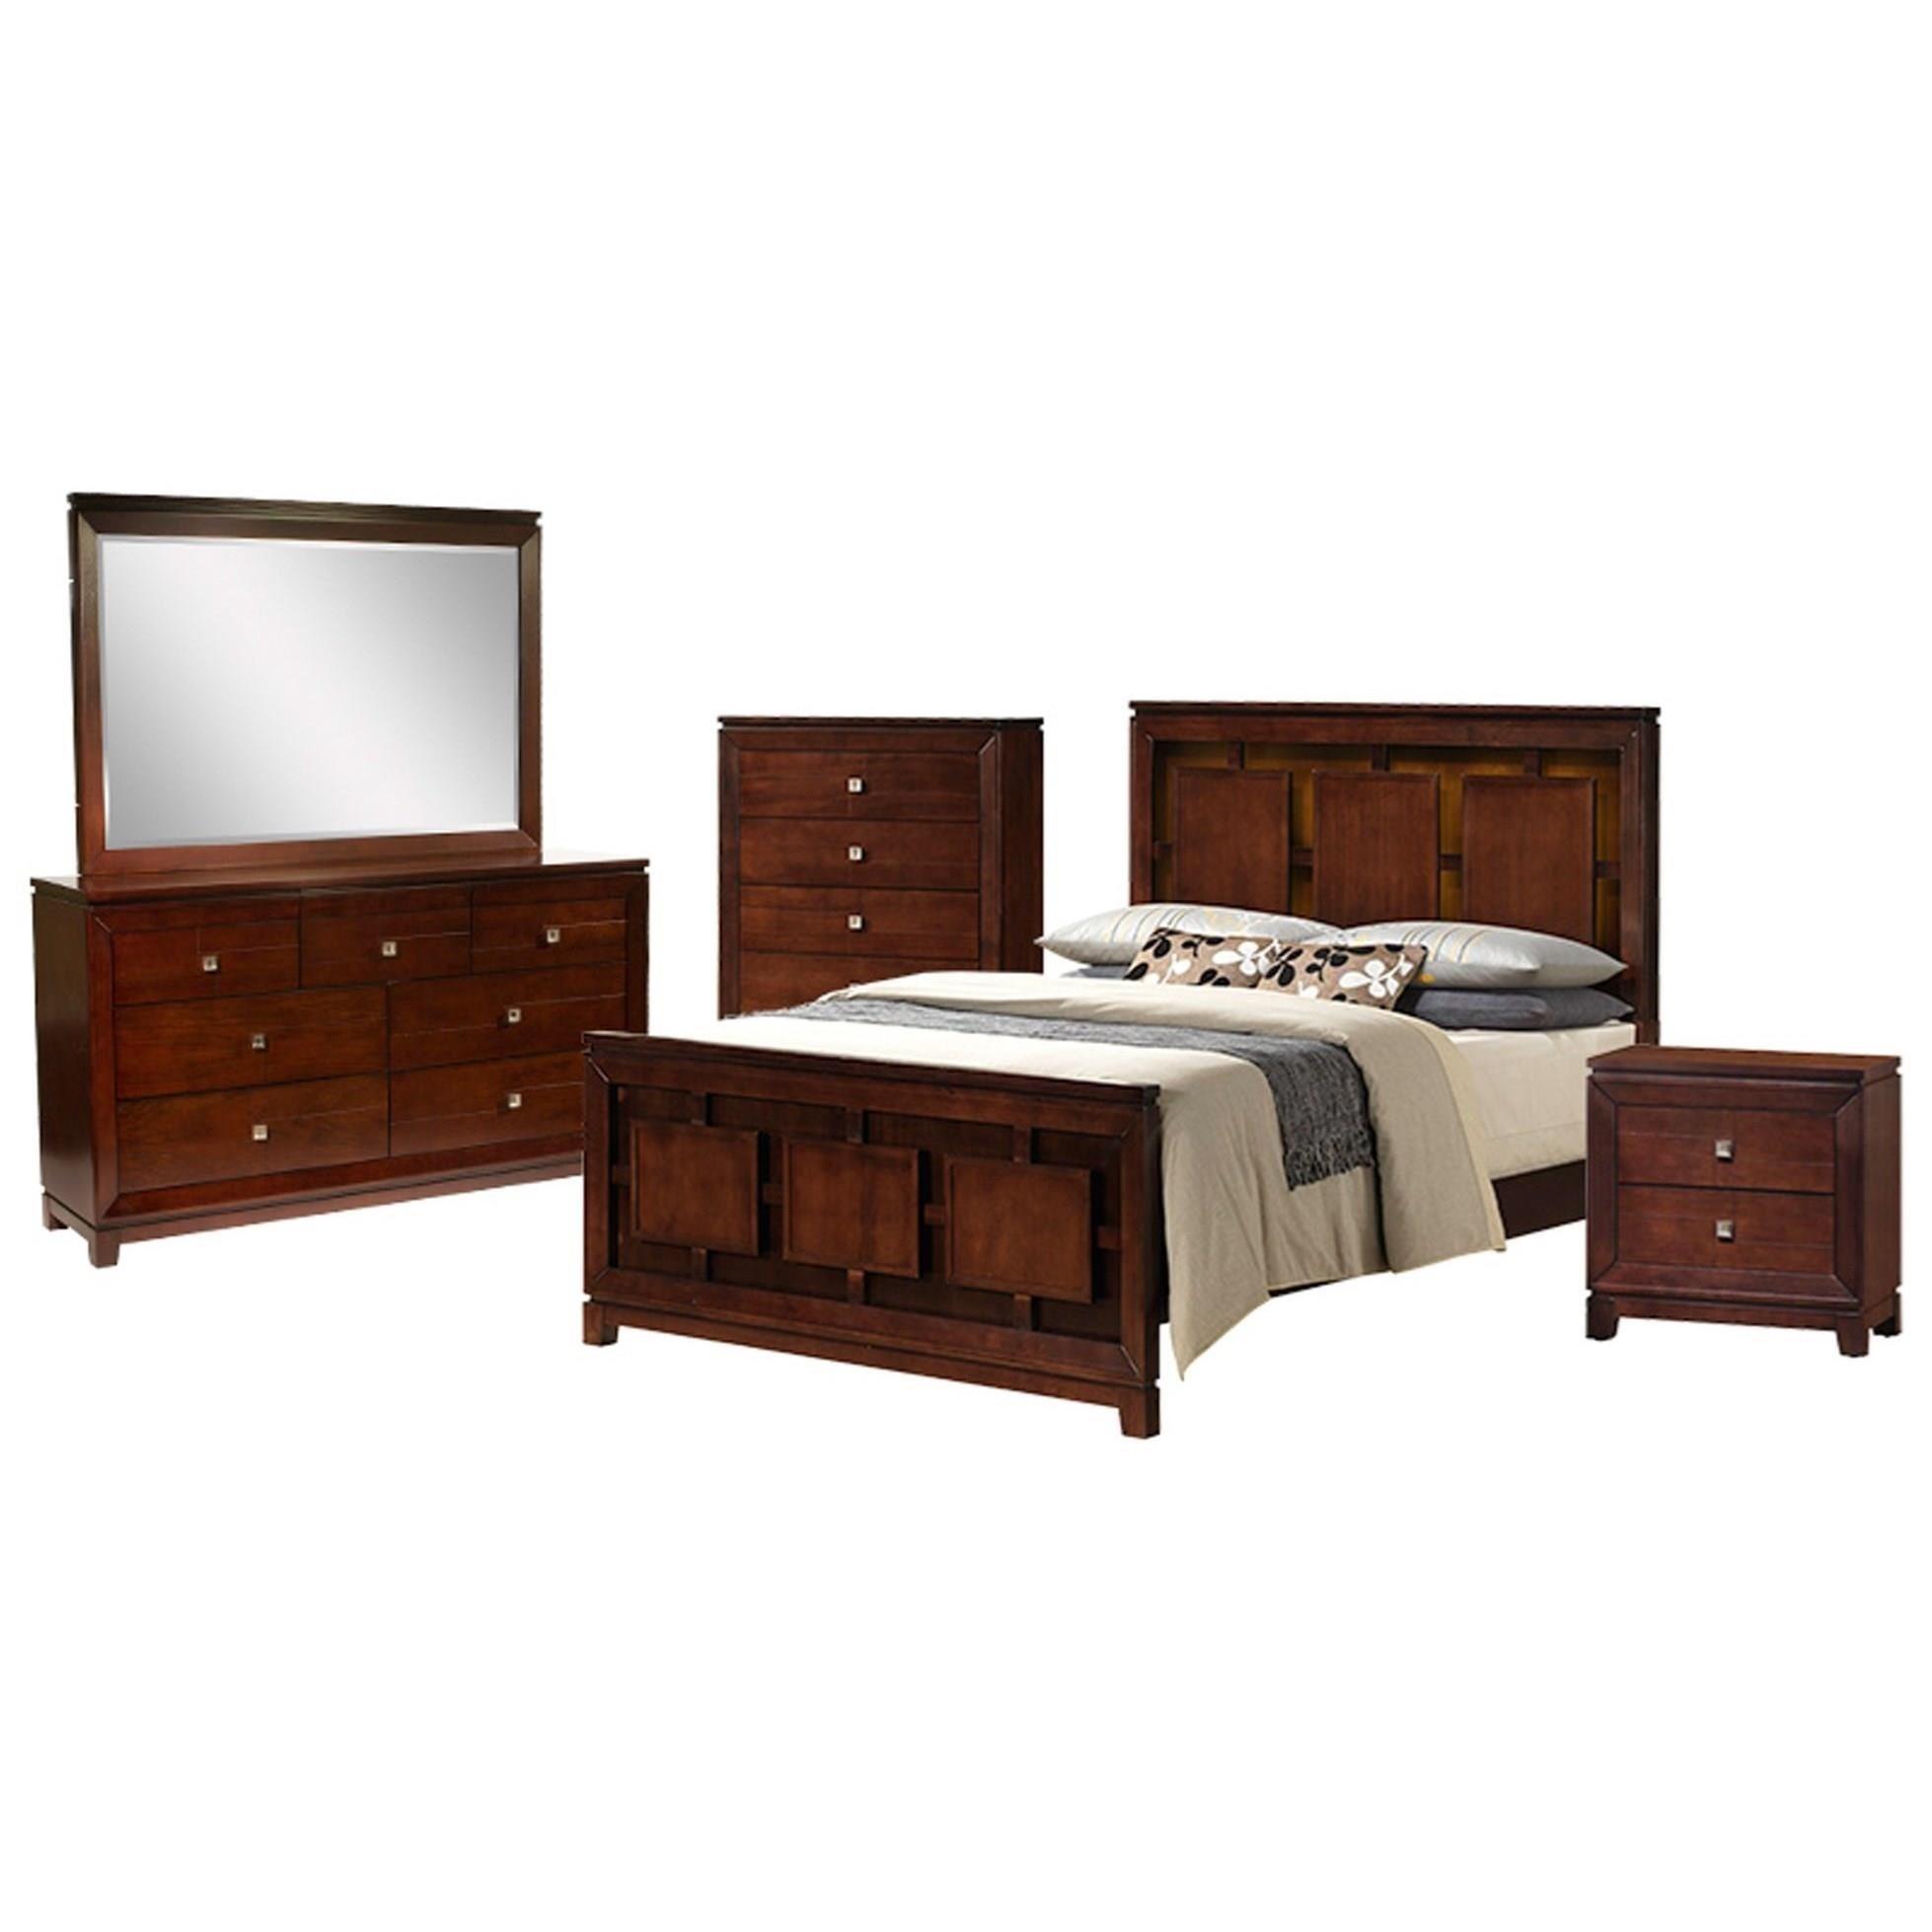 5-Piece Queen Bedroom Set